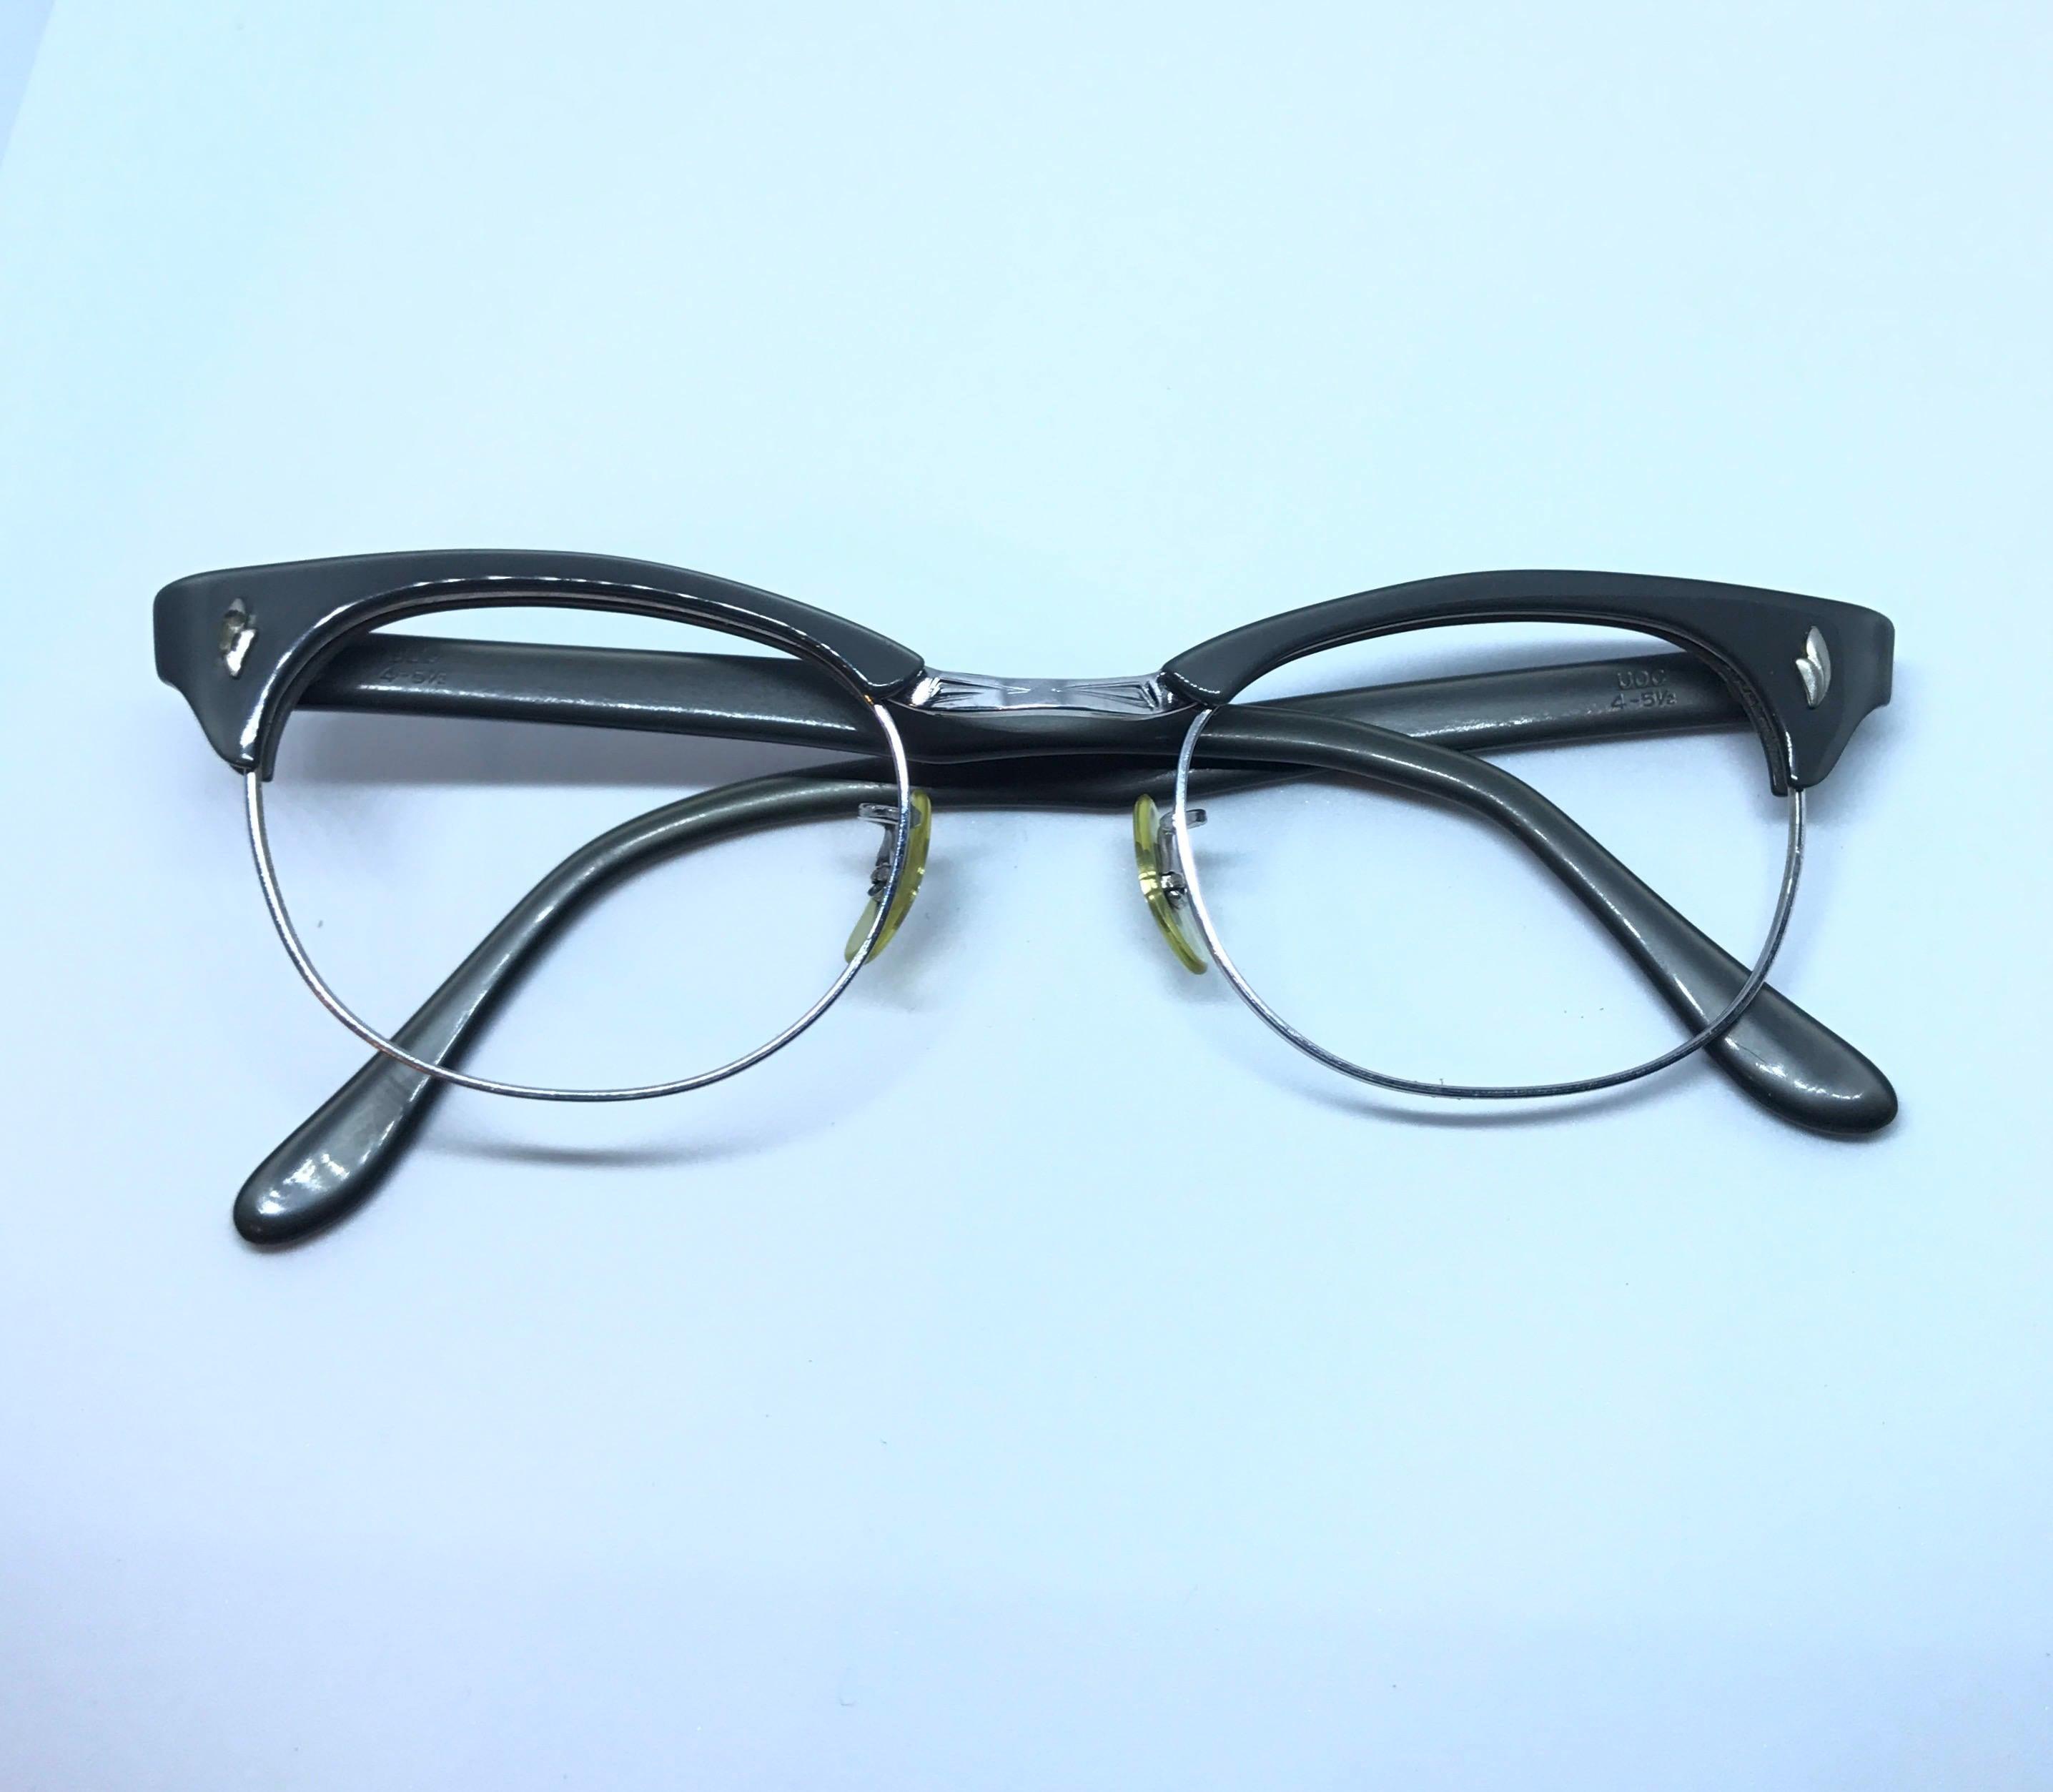 9c6bed3c3229 Vintage Cat Eye Frame - Vintage Eyeglasses - Vintage 50s Rockabilly Style  Glasses